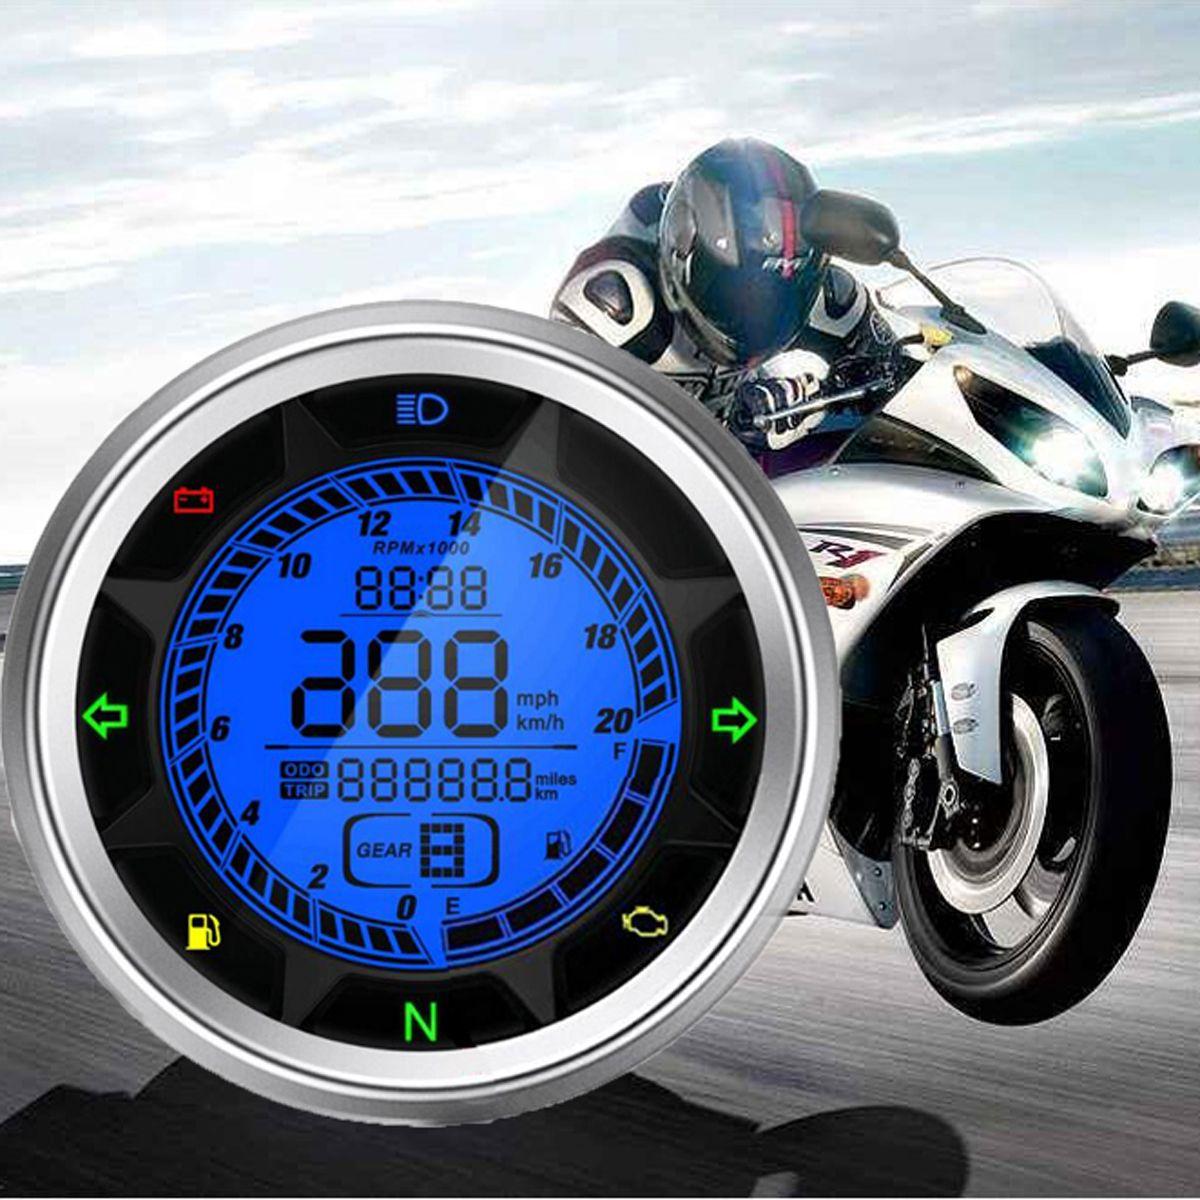 Universal Multi Function 20000 RPM Motorcycle Digital Speedometer Odometer Tachometer Trip Meter 399 KMH MPH Gear1-6